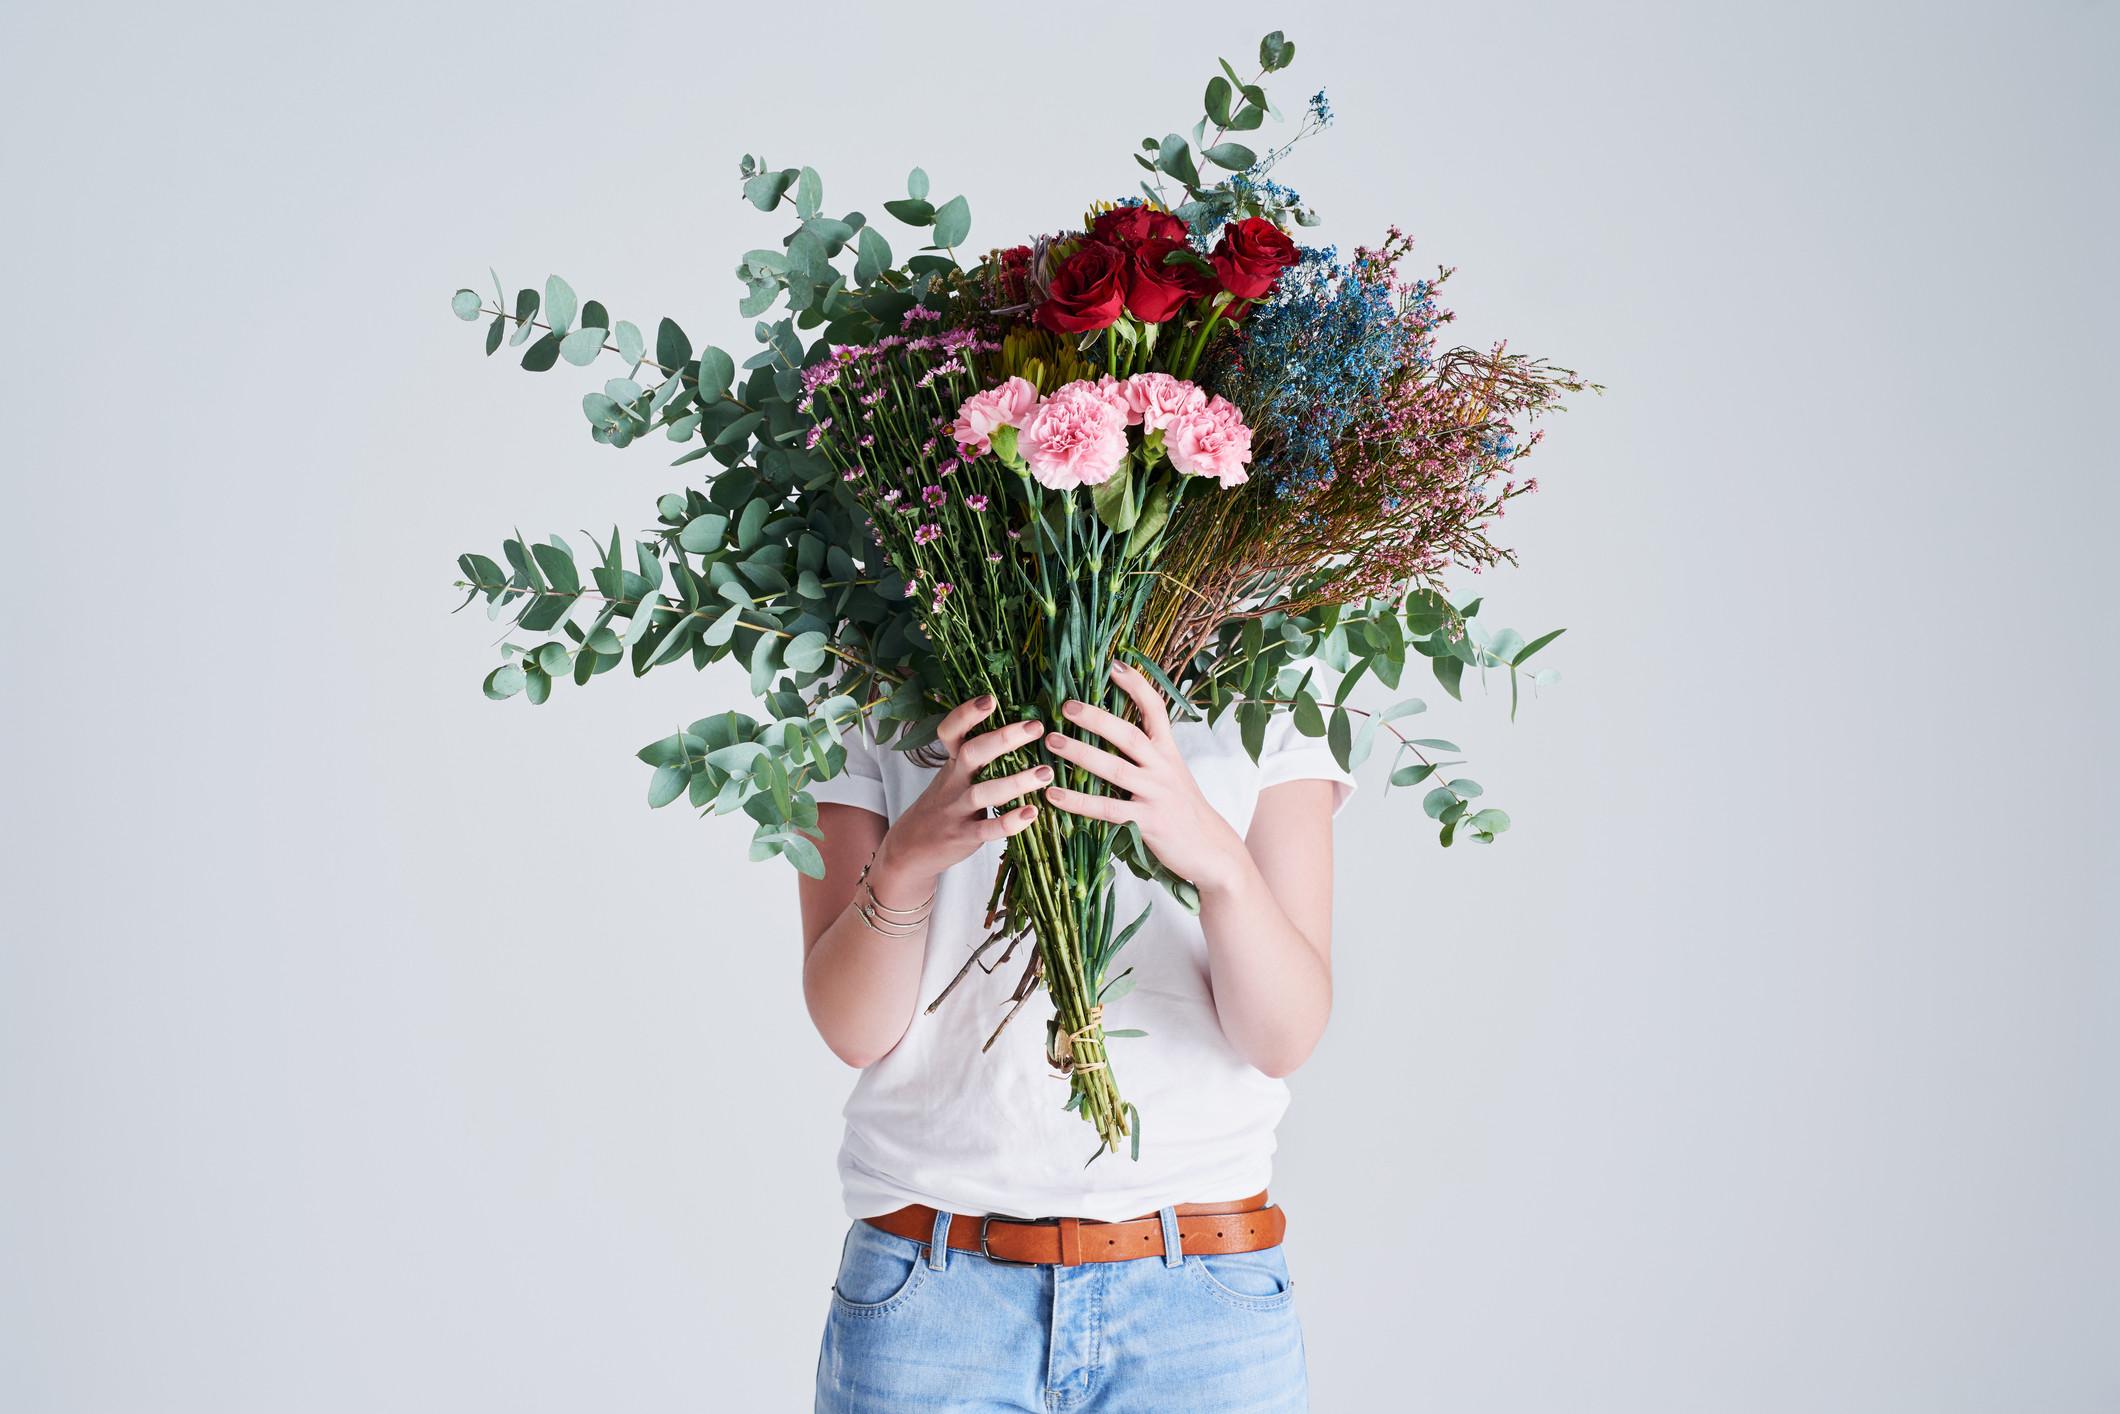 Langage des fleurs par ordre alphabétique.